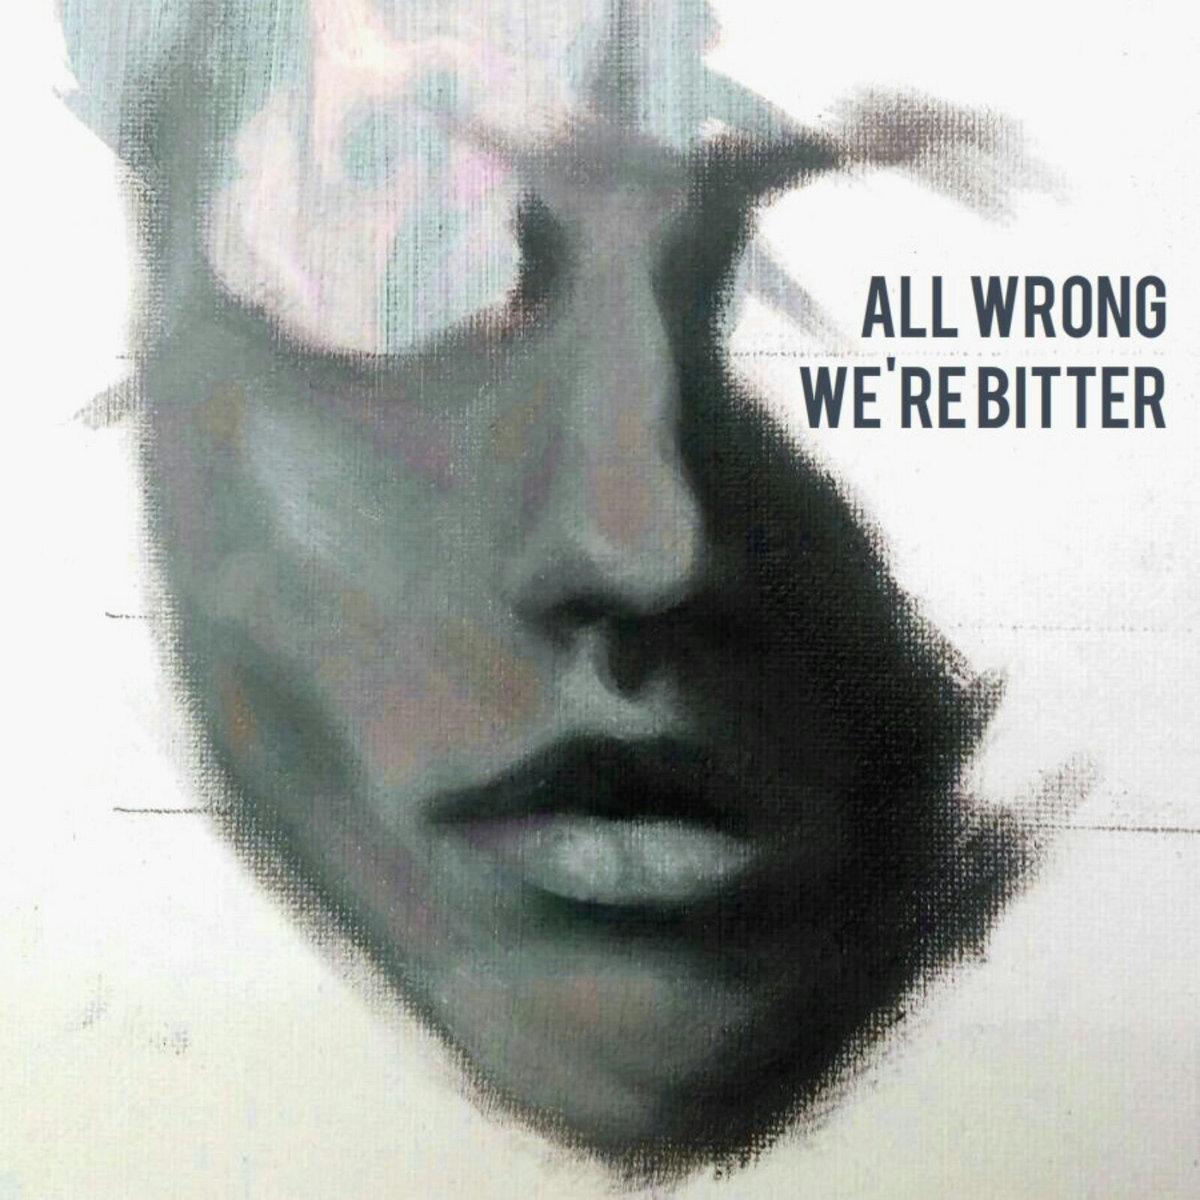 www.facebook.com/allwrongco